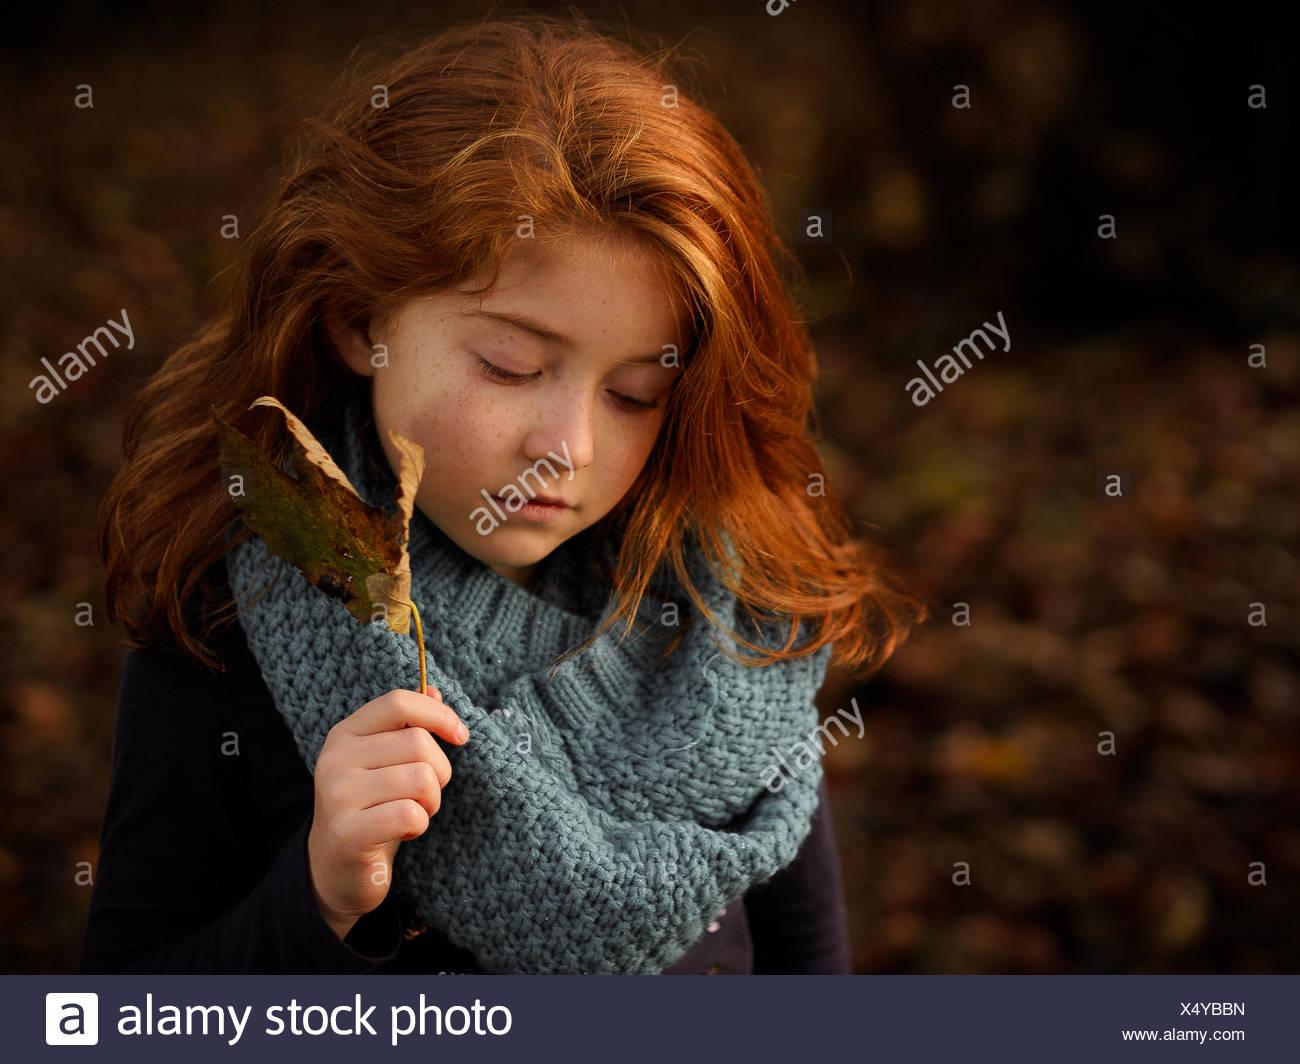 Pelo rojo Chica sujetando hoja de otoño Imagen De Stock